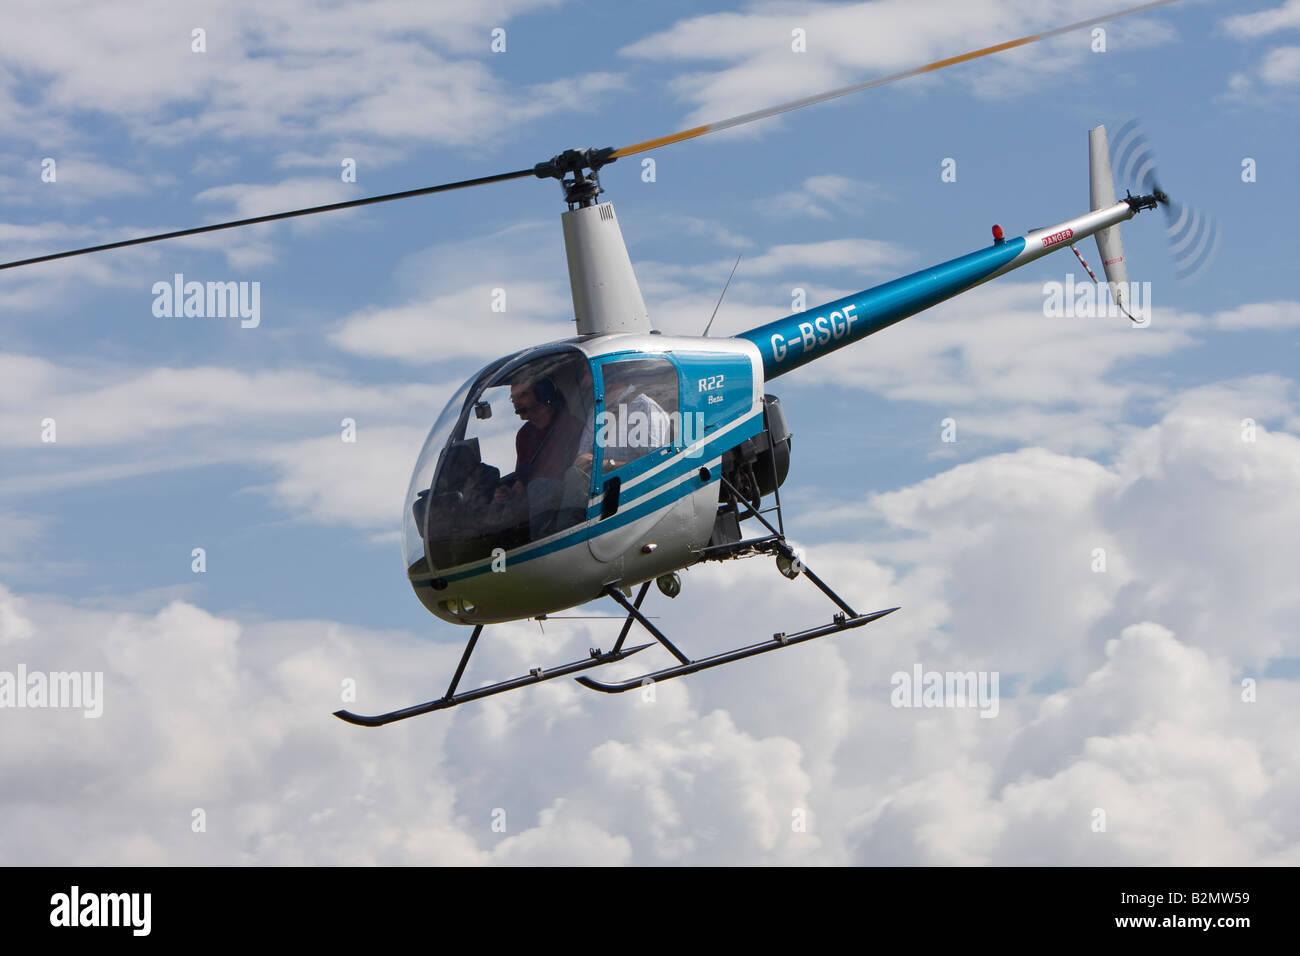 Elicottero R22 : Robinson r beta elicottero registrato g bsgf foto immagine